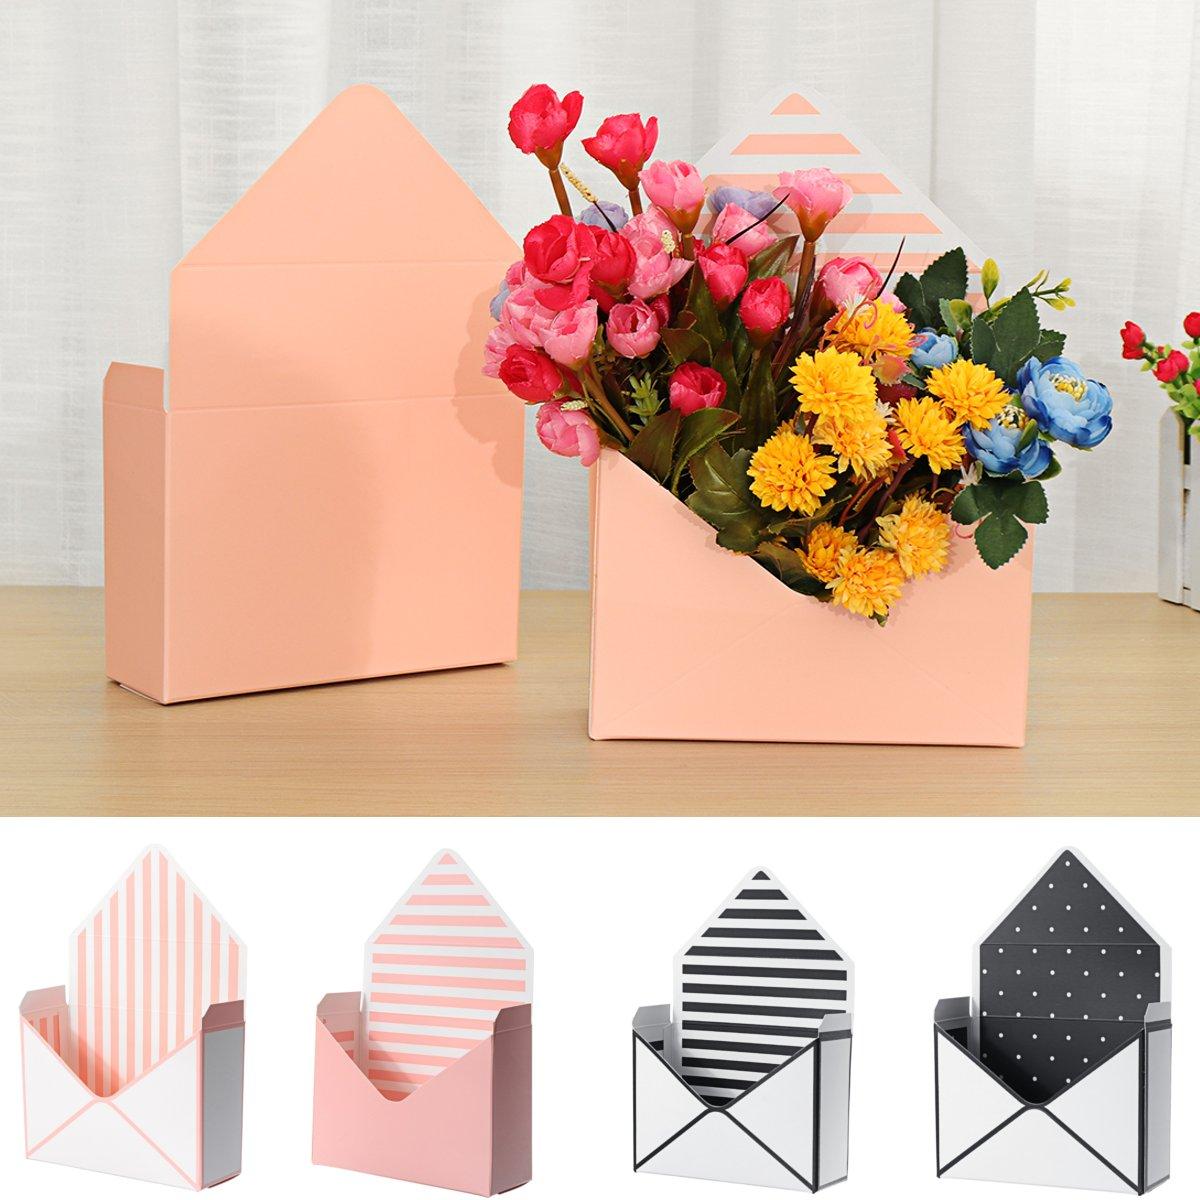 12Pcs/Set Bouquet Gift Box Envelope Flower Boxes Hand Holds Folding Floral Bouquet Paper Box Romantic Flower Paper Holder Decor